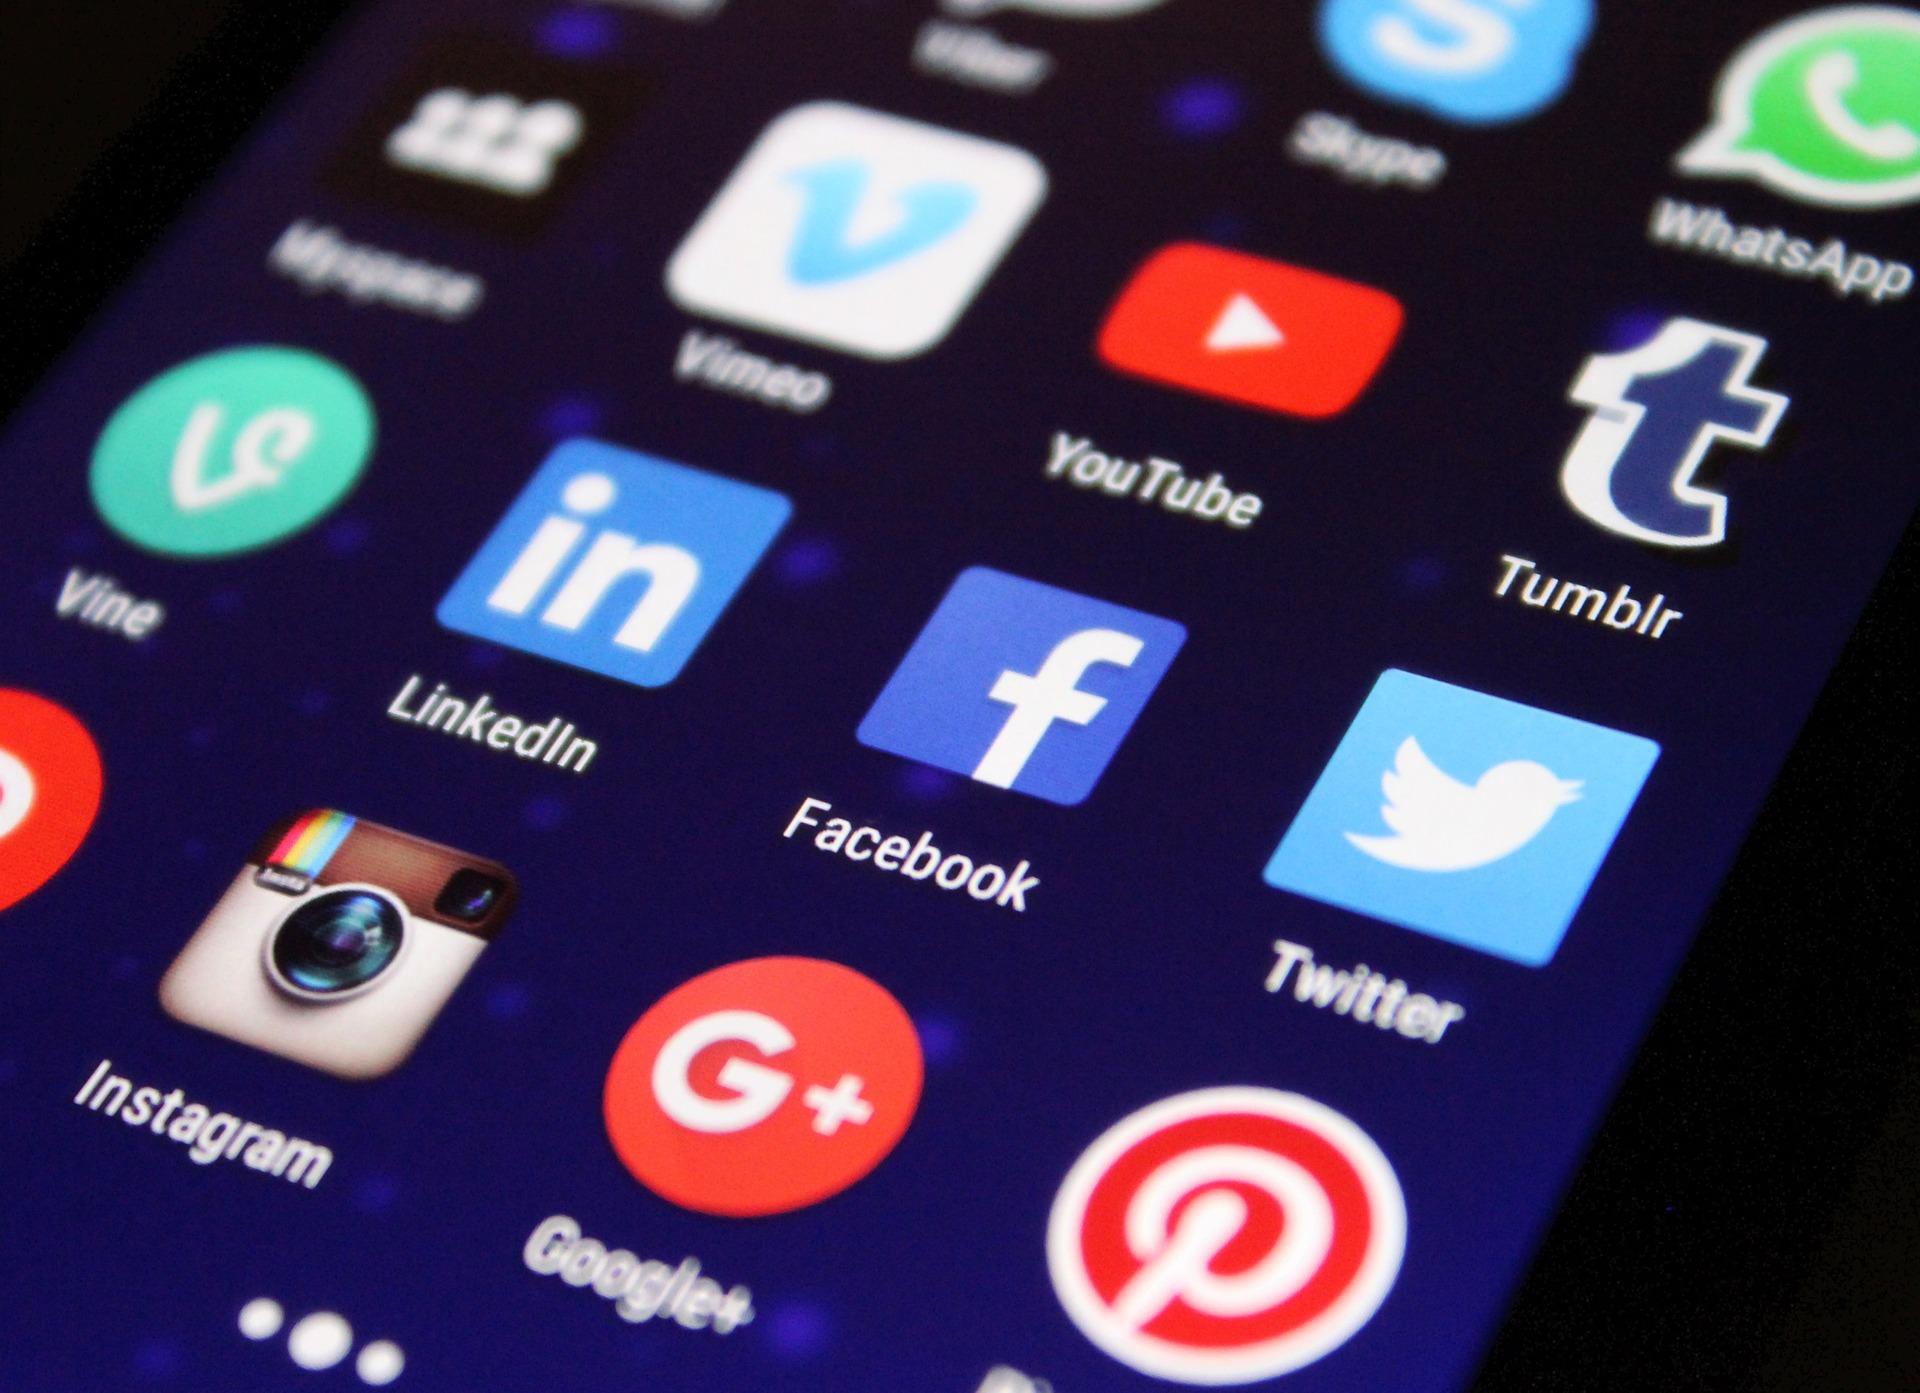 mosst popular social media icons